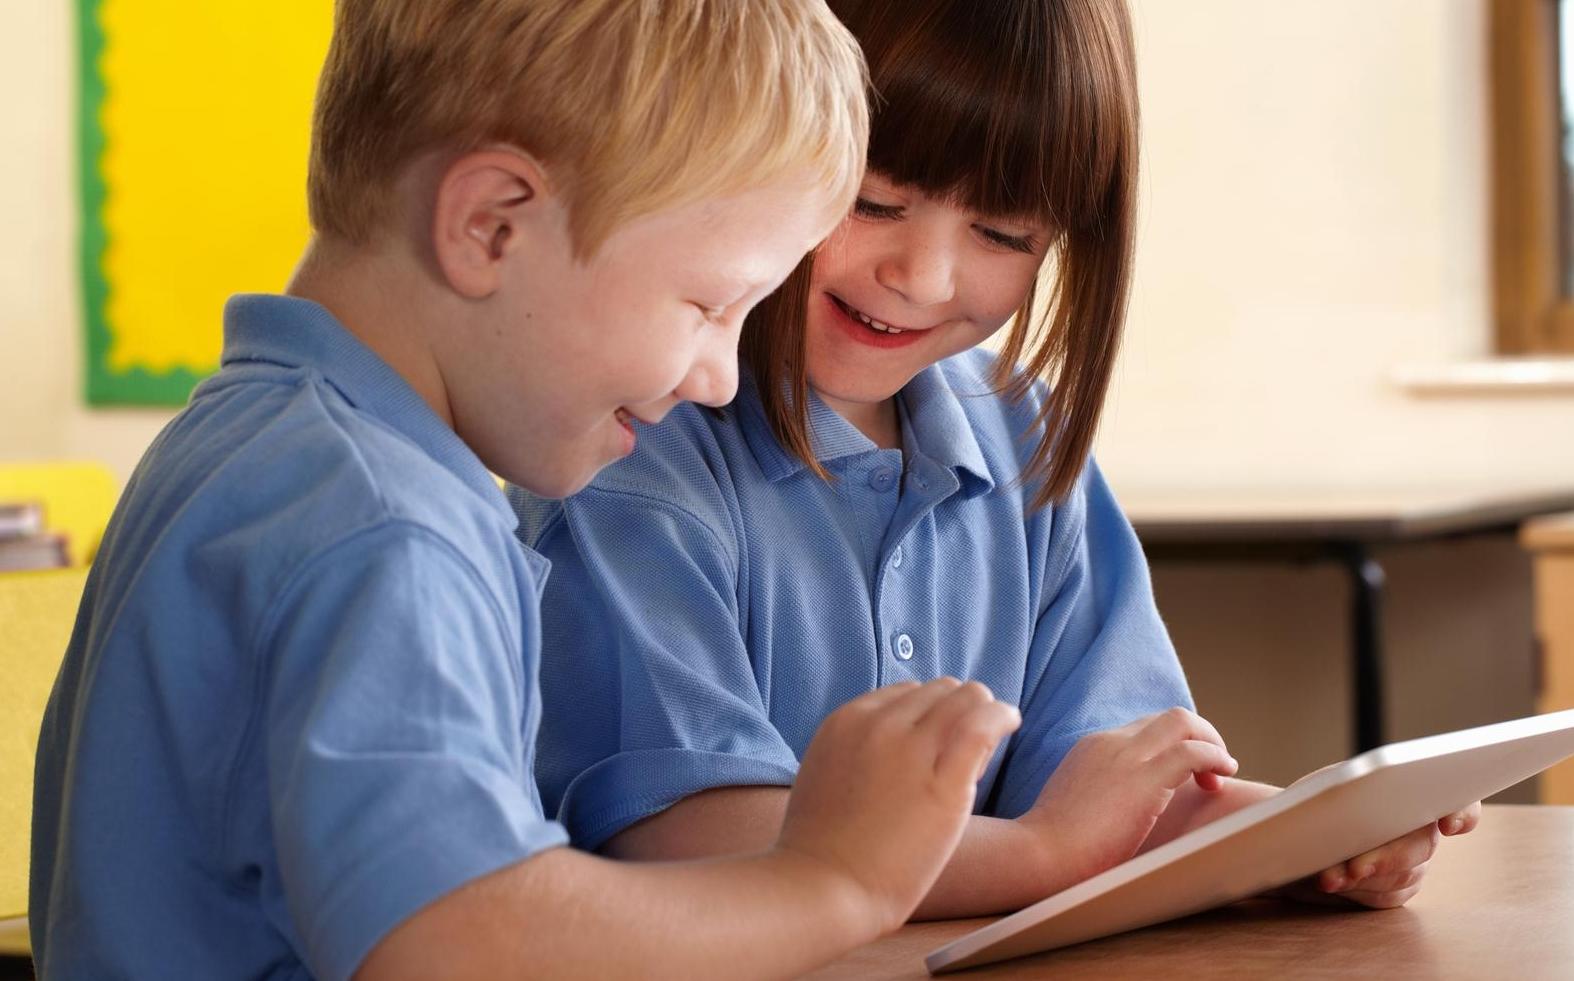 Touchscreen vietato ai bambini: può rallentare l'apprendimento